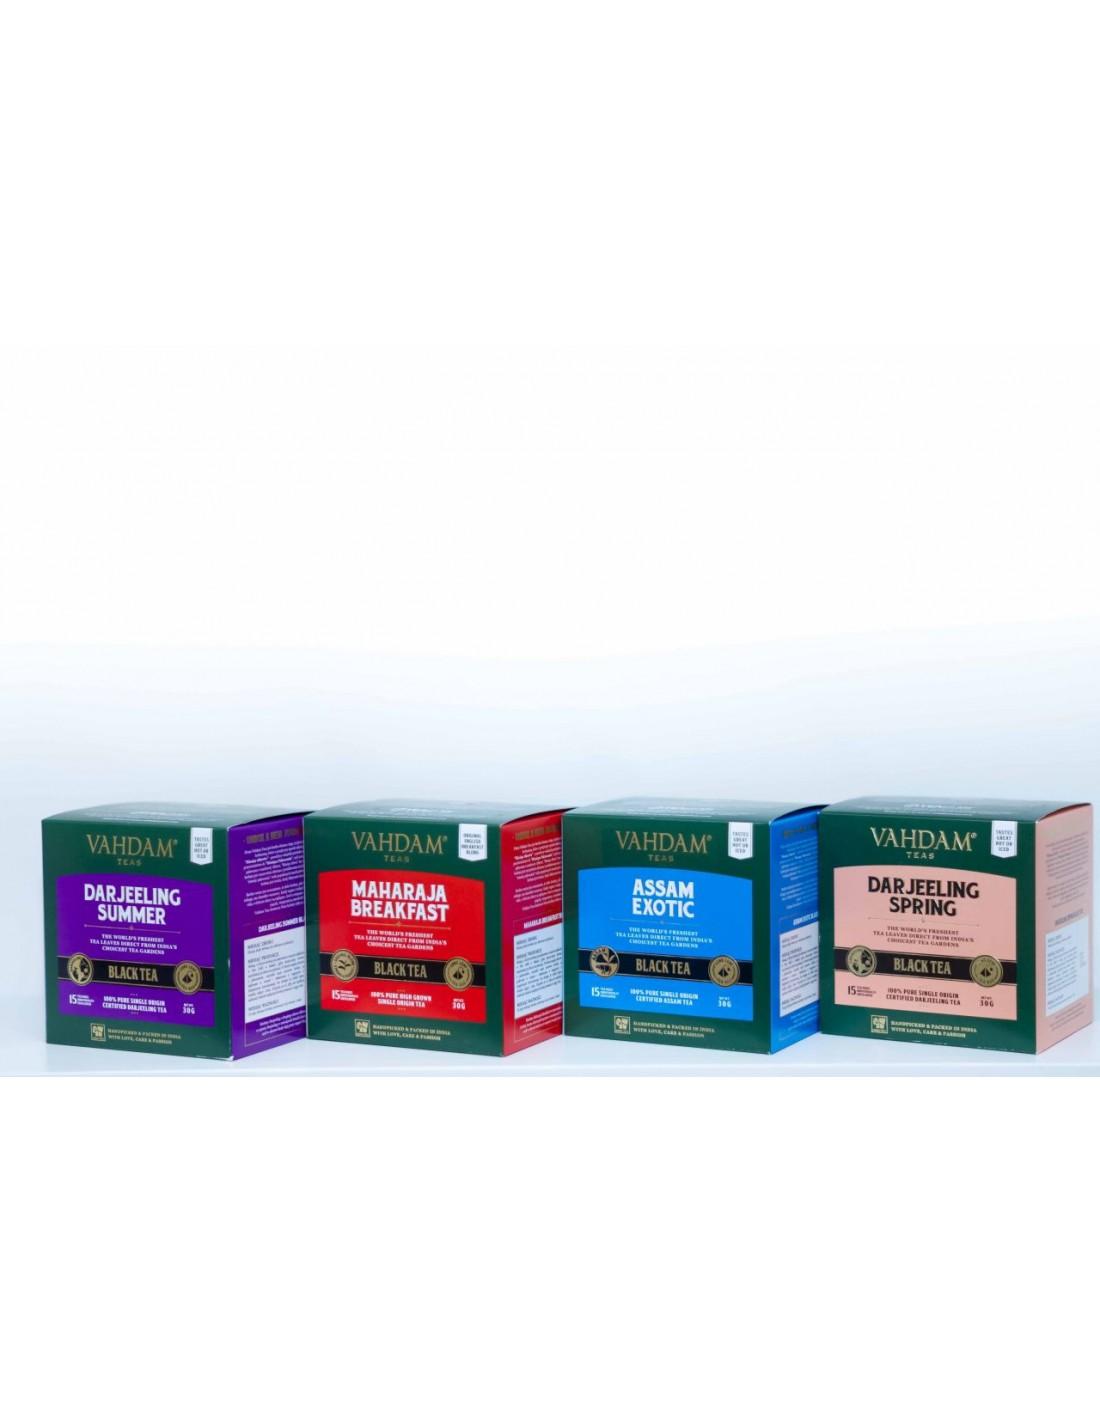 W zestawie znajdą Państwo cztery rodzaje herbat czarnych z rejonu Assam oraz Darjeeling, zbieranych w okresie wiosennym oraz letnim: Assam Exotic - 100% herbata czarna z rejonu Assam, certyfikowana przez Tea Board of India Assam Orthodox CTM Licence No. AS/14422062016/PKT Maharaja Breakfast - 100% herbata czarna z rejonu Assam Darjeeling Spring - 100% herbata czarna z rejonu Darjeeling, zbiór wiosenny, certyfikowana przez Tea Board of India Darjeeling CTM Licence No. DJ/590/27092016/T Darjeeling Summer - 100% herbata czarna z rejonu Darjeeling, zbiór letni, certyfikowana przez Tea Board of India Darjeeling CTM Licence No. DJ/590/27092016/T Temperatura wody: 90-100 C Czas parzenia: 3-5 minut Kofeina: wysoka Assam Exotic to jedna z naszych najlepiej sprzedających się mieszanek Assam, która jest stosunkowo łagodna, ale niesamowicie aromatyczna. Liście pochodzą z najstarszych i najbardziej renomowanych plantacji Assam, są średniej wielkości, luźno zwinięte, brązowawo-czarne z rozproszonymi